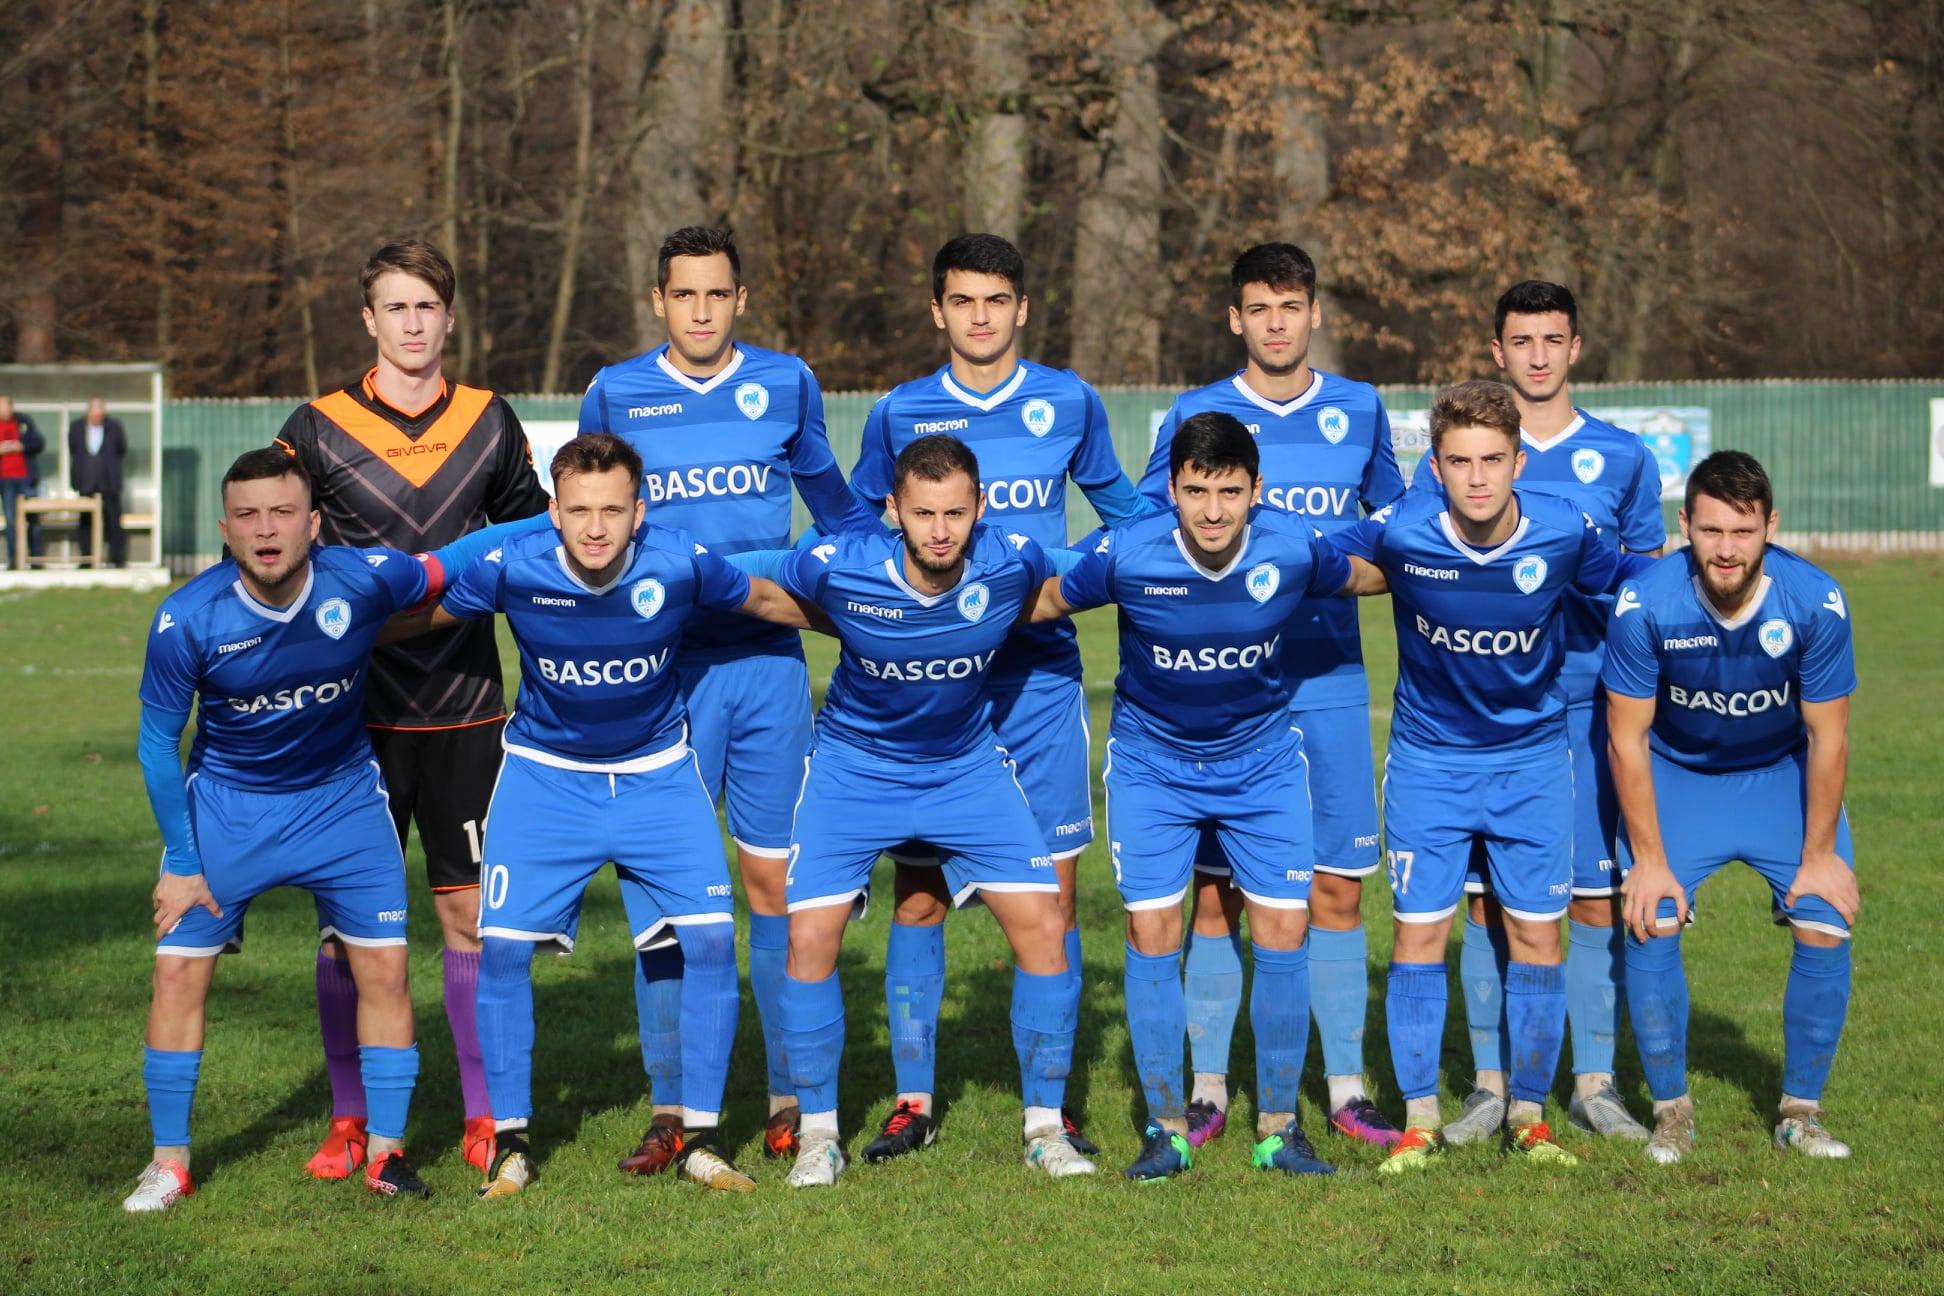 Liga 3 | Unirea Bascov, statistica turului de campionat 2019-2020